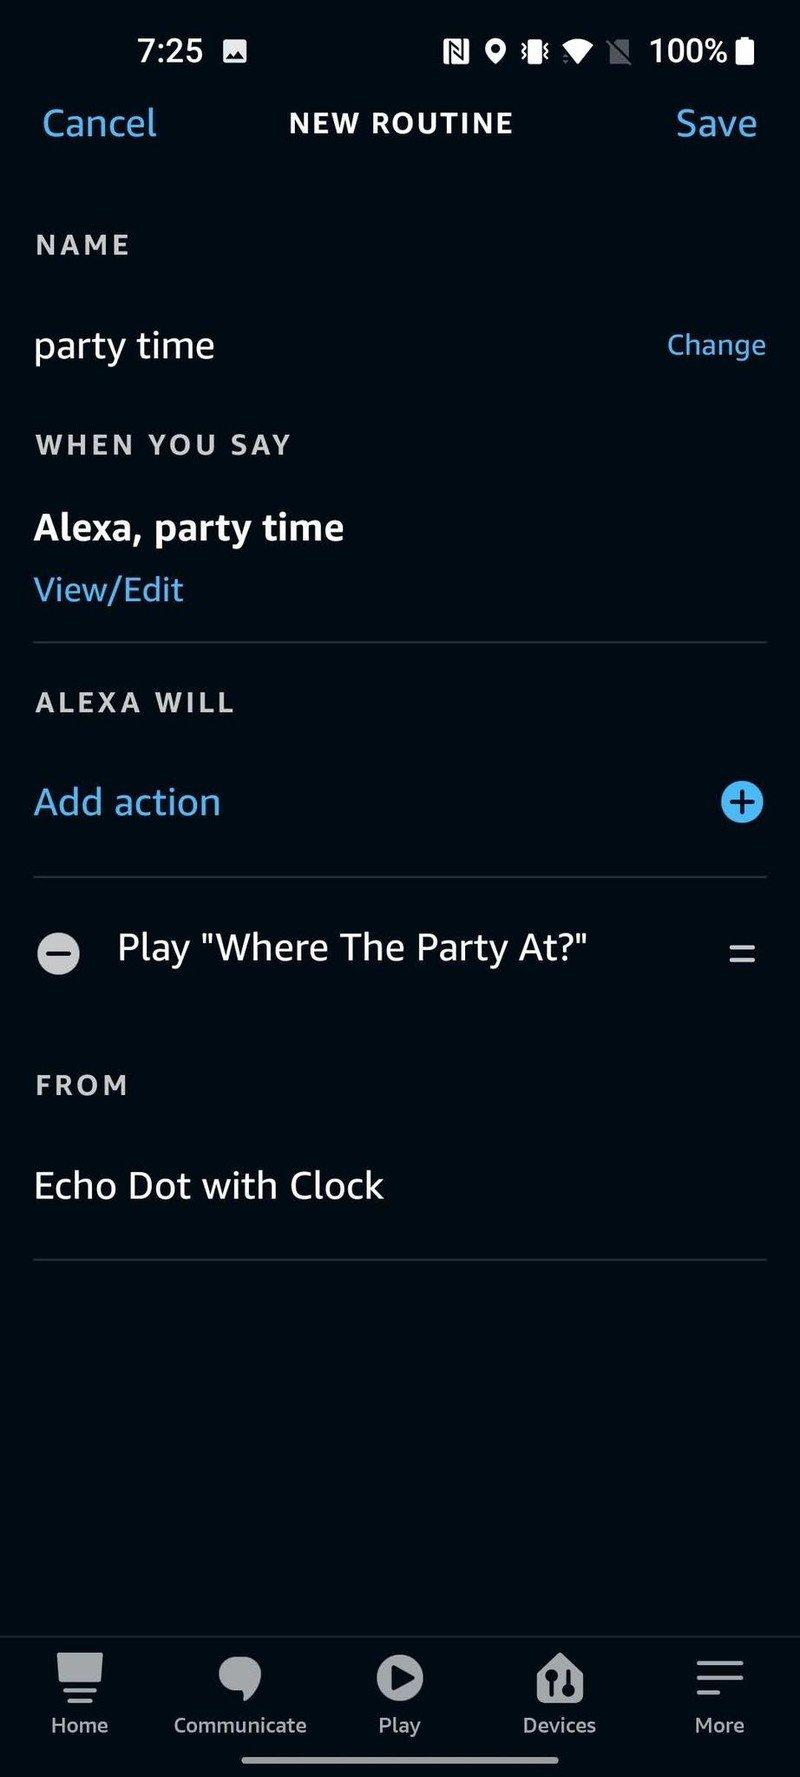 how-to-set-up-routine-amazon-alexa-echo-